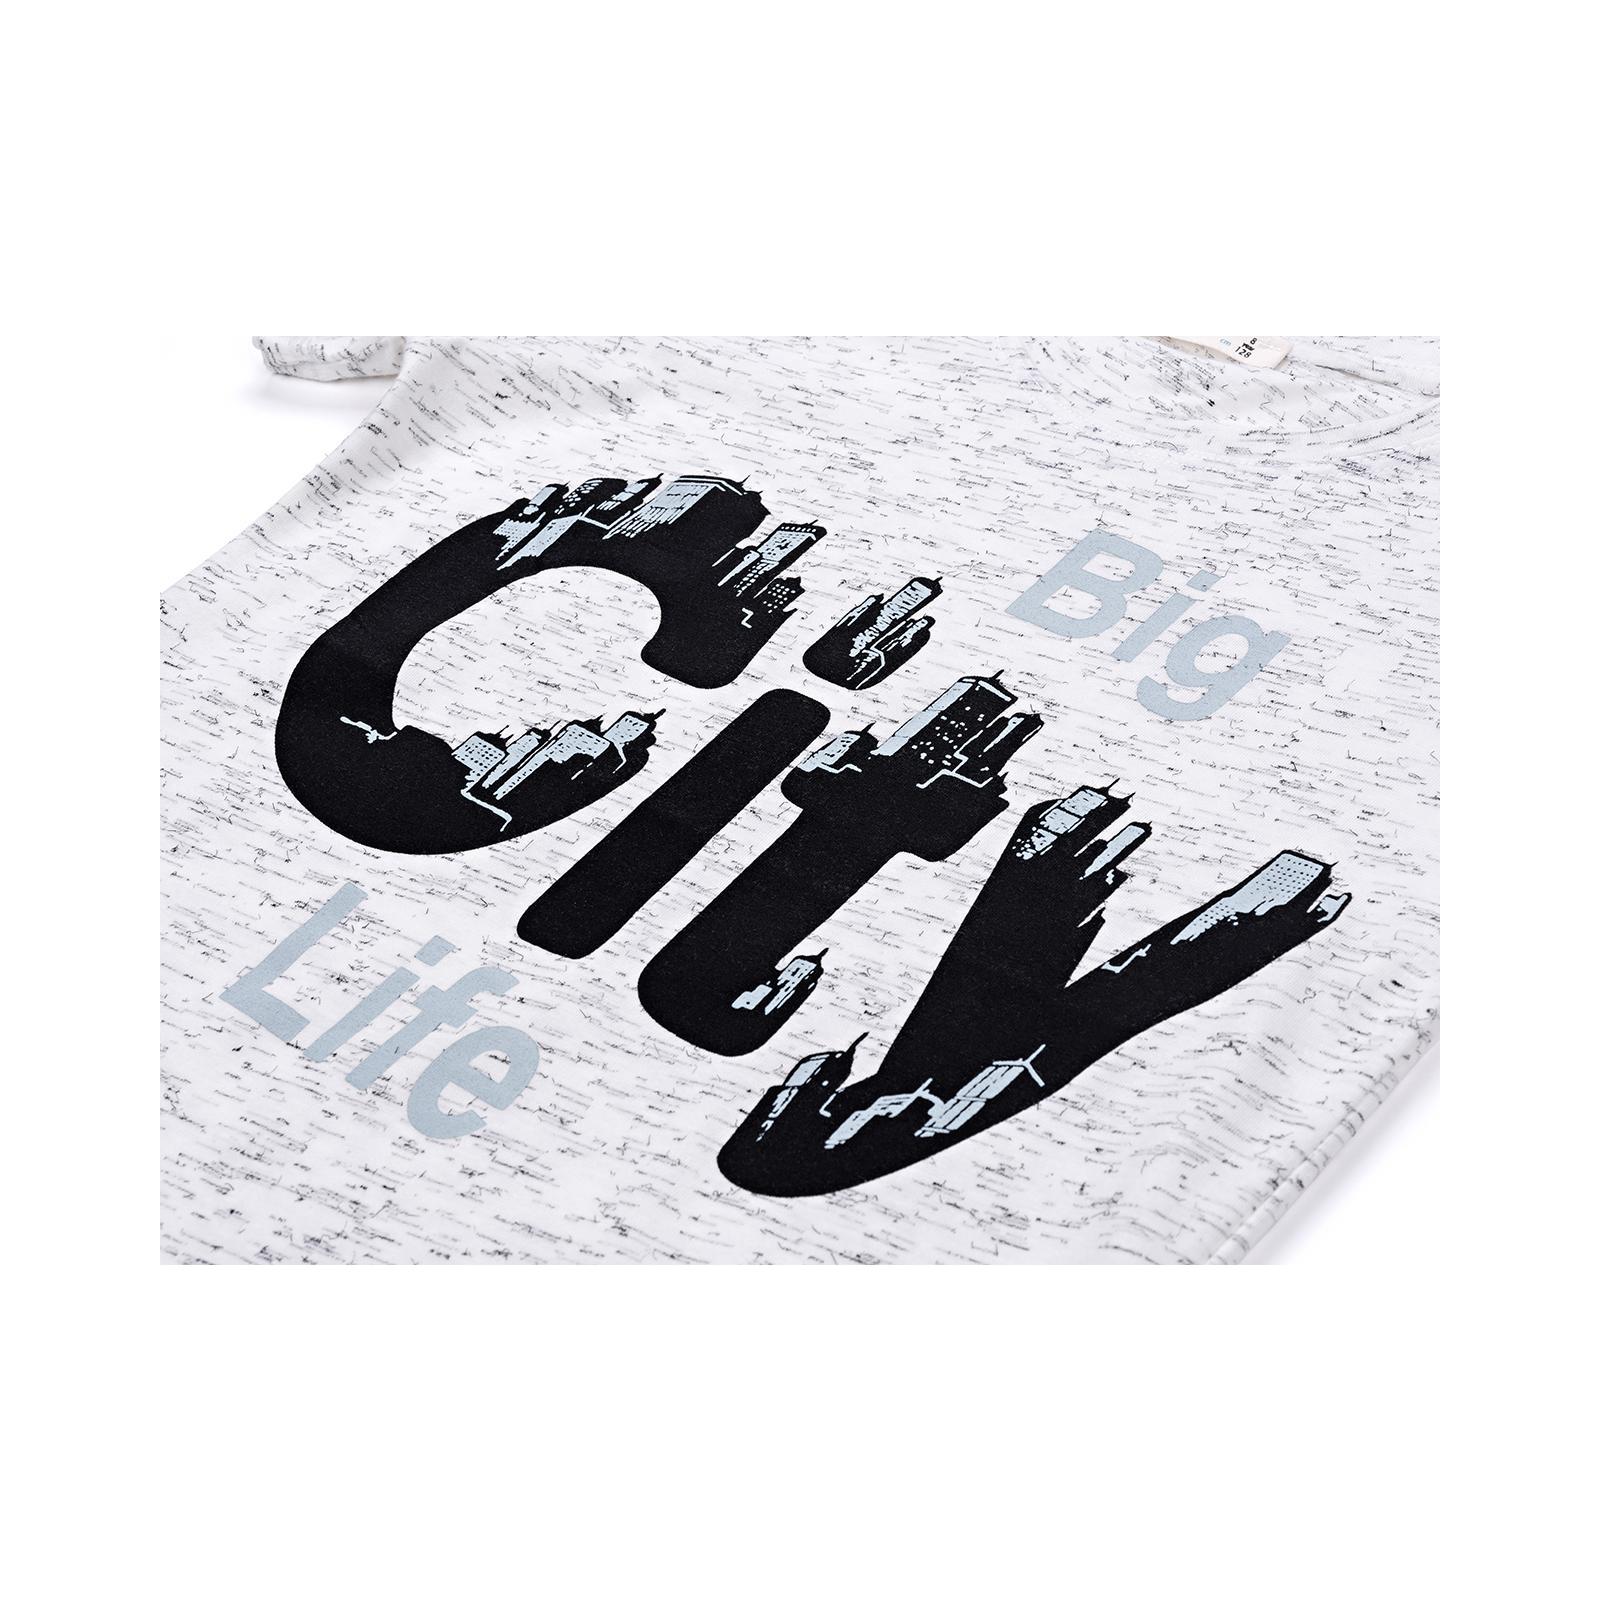 """Футболка детская Breeze """"BIG CITY LIFE"""" (11129-134B-gray) изображение 4"""